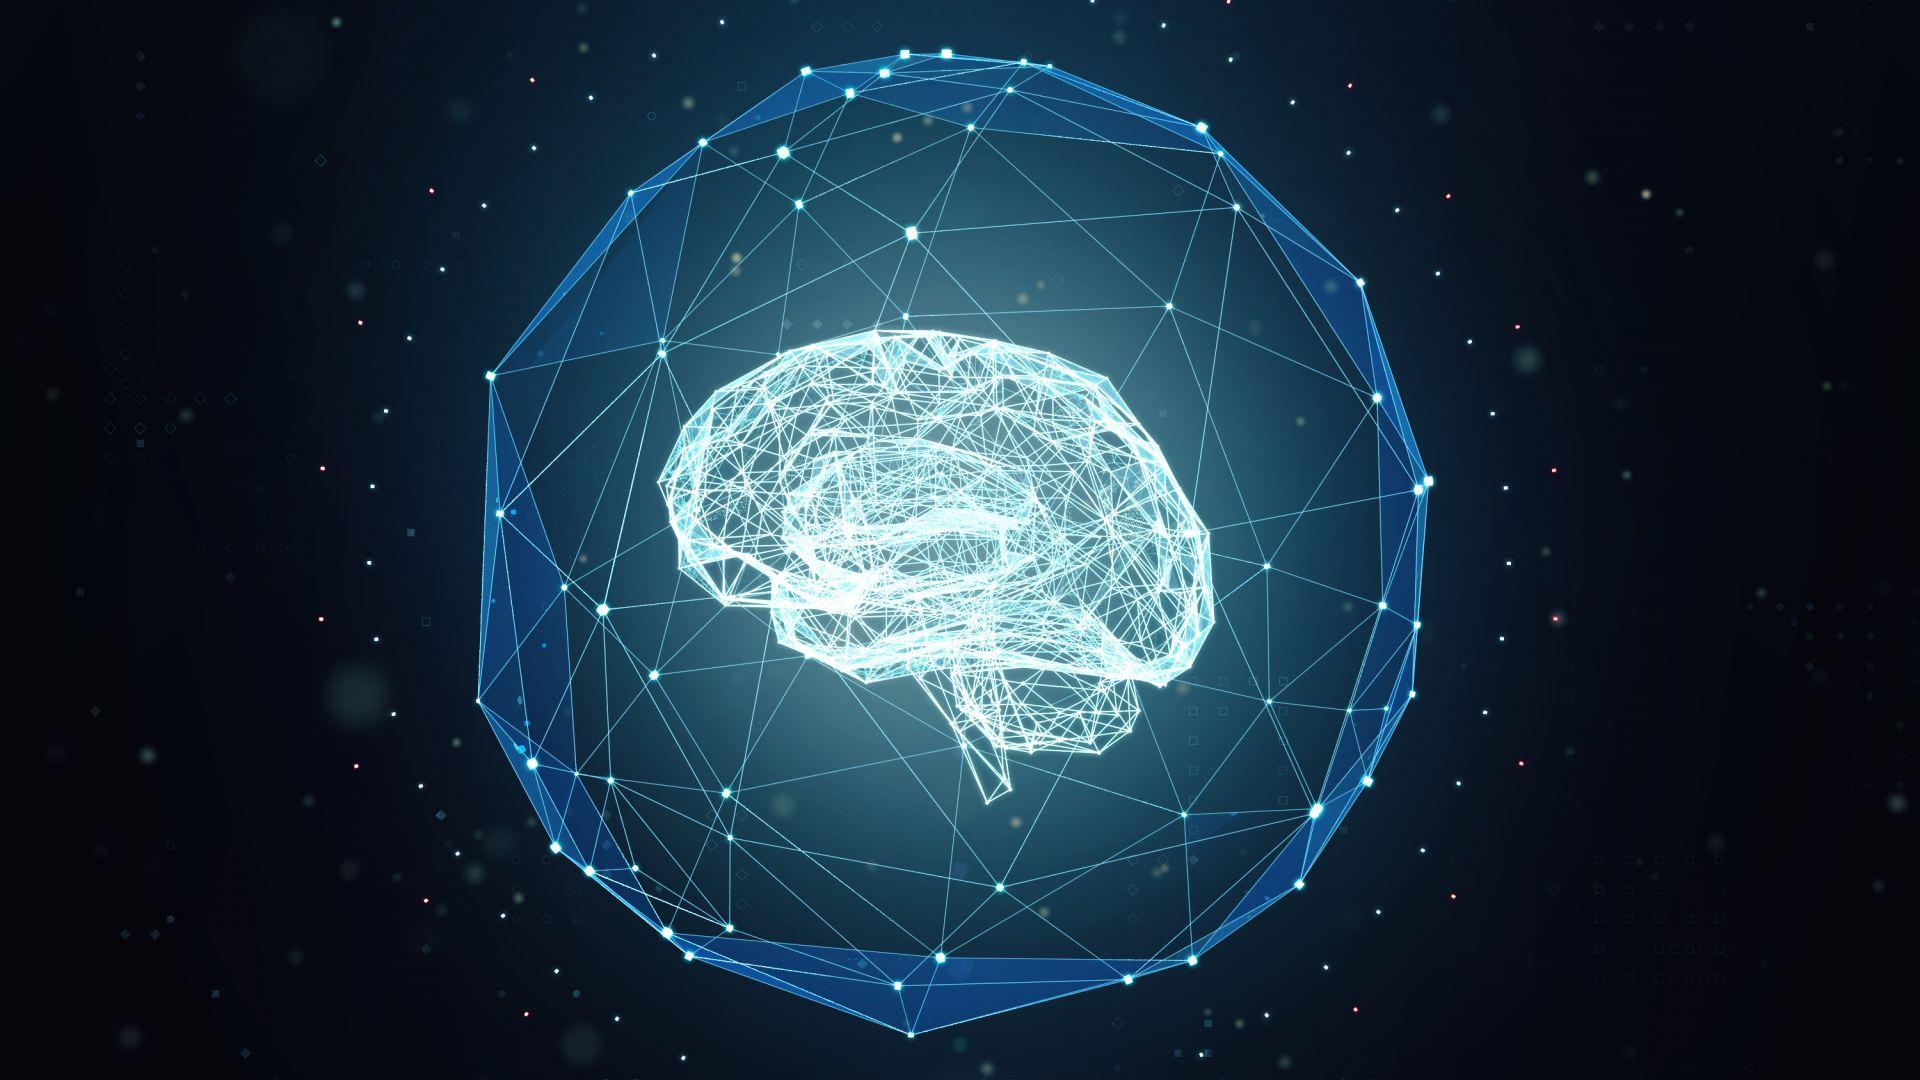 Невронните мрежи имат потенциала да имитират дейността на мозъка